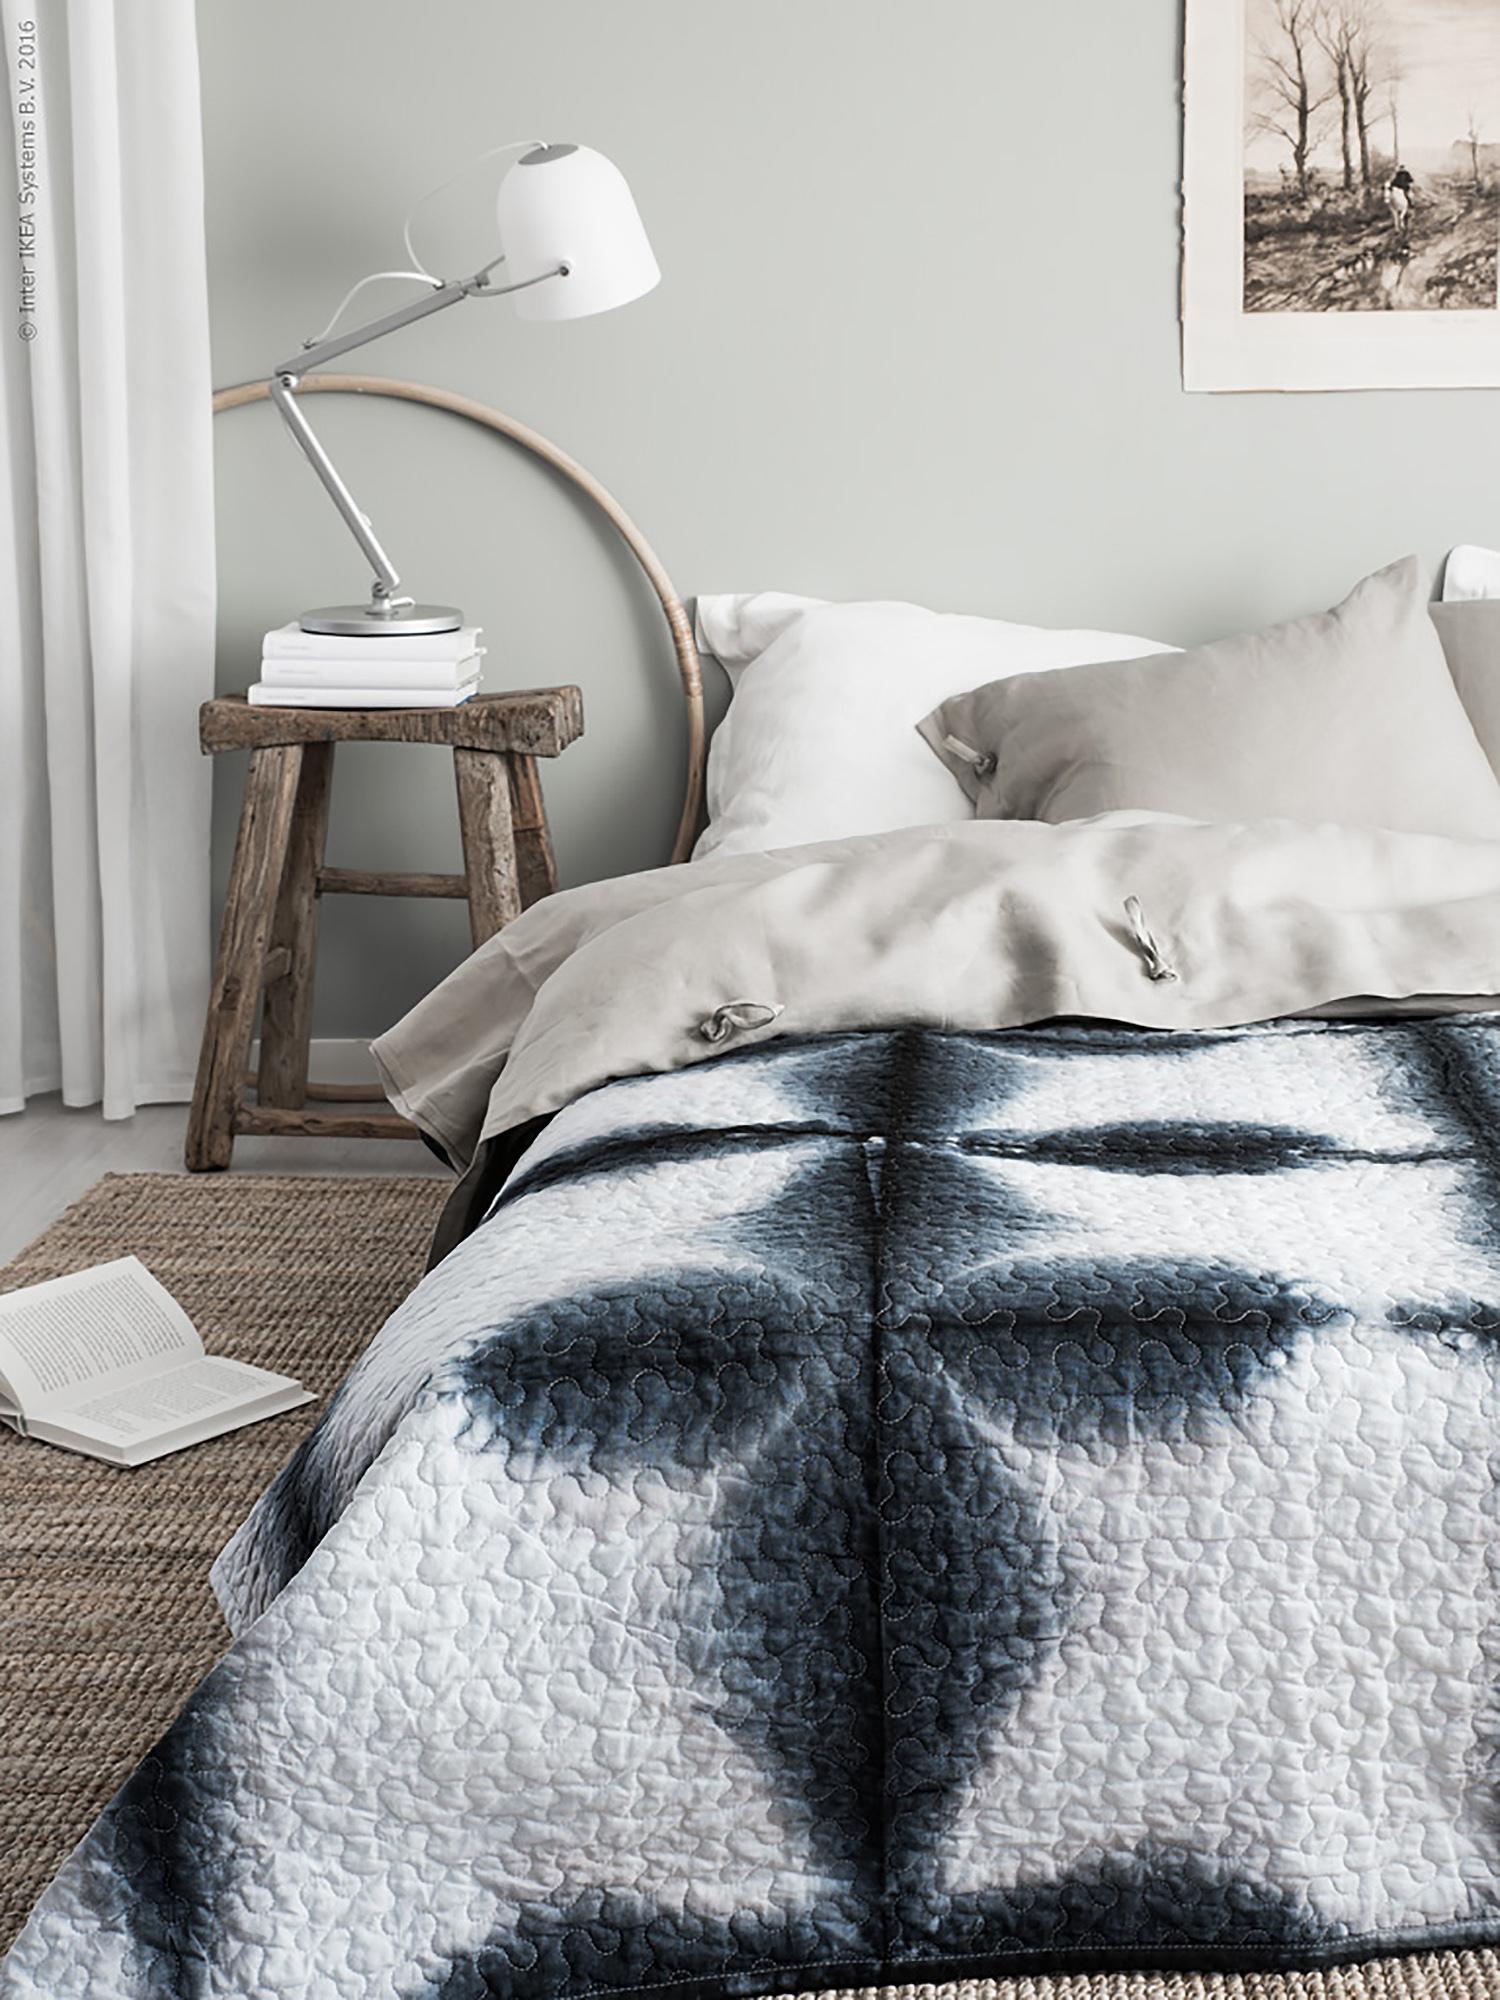 DIY Shibori IKEA Livet Hemma / Mormorsglamour